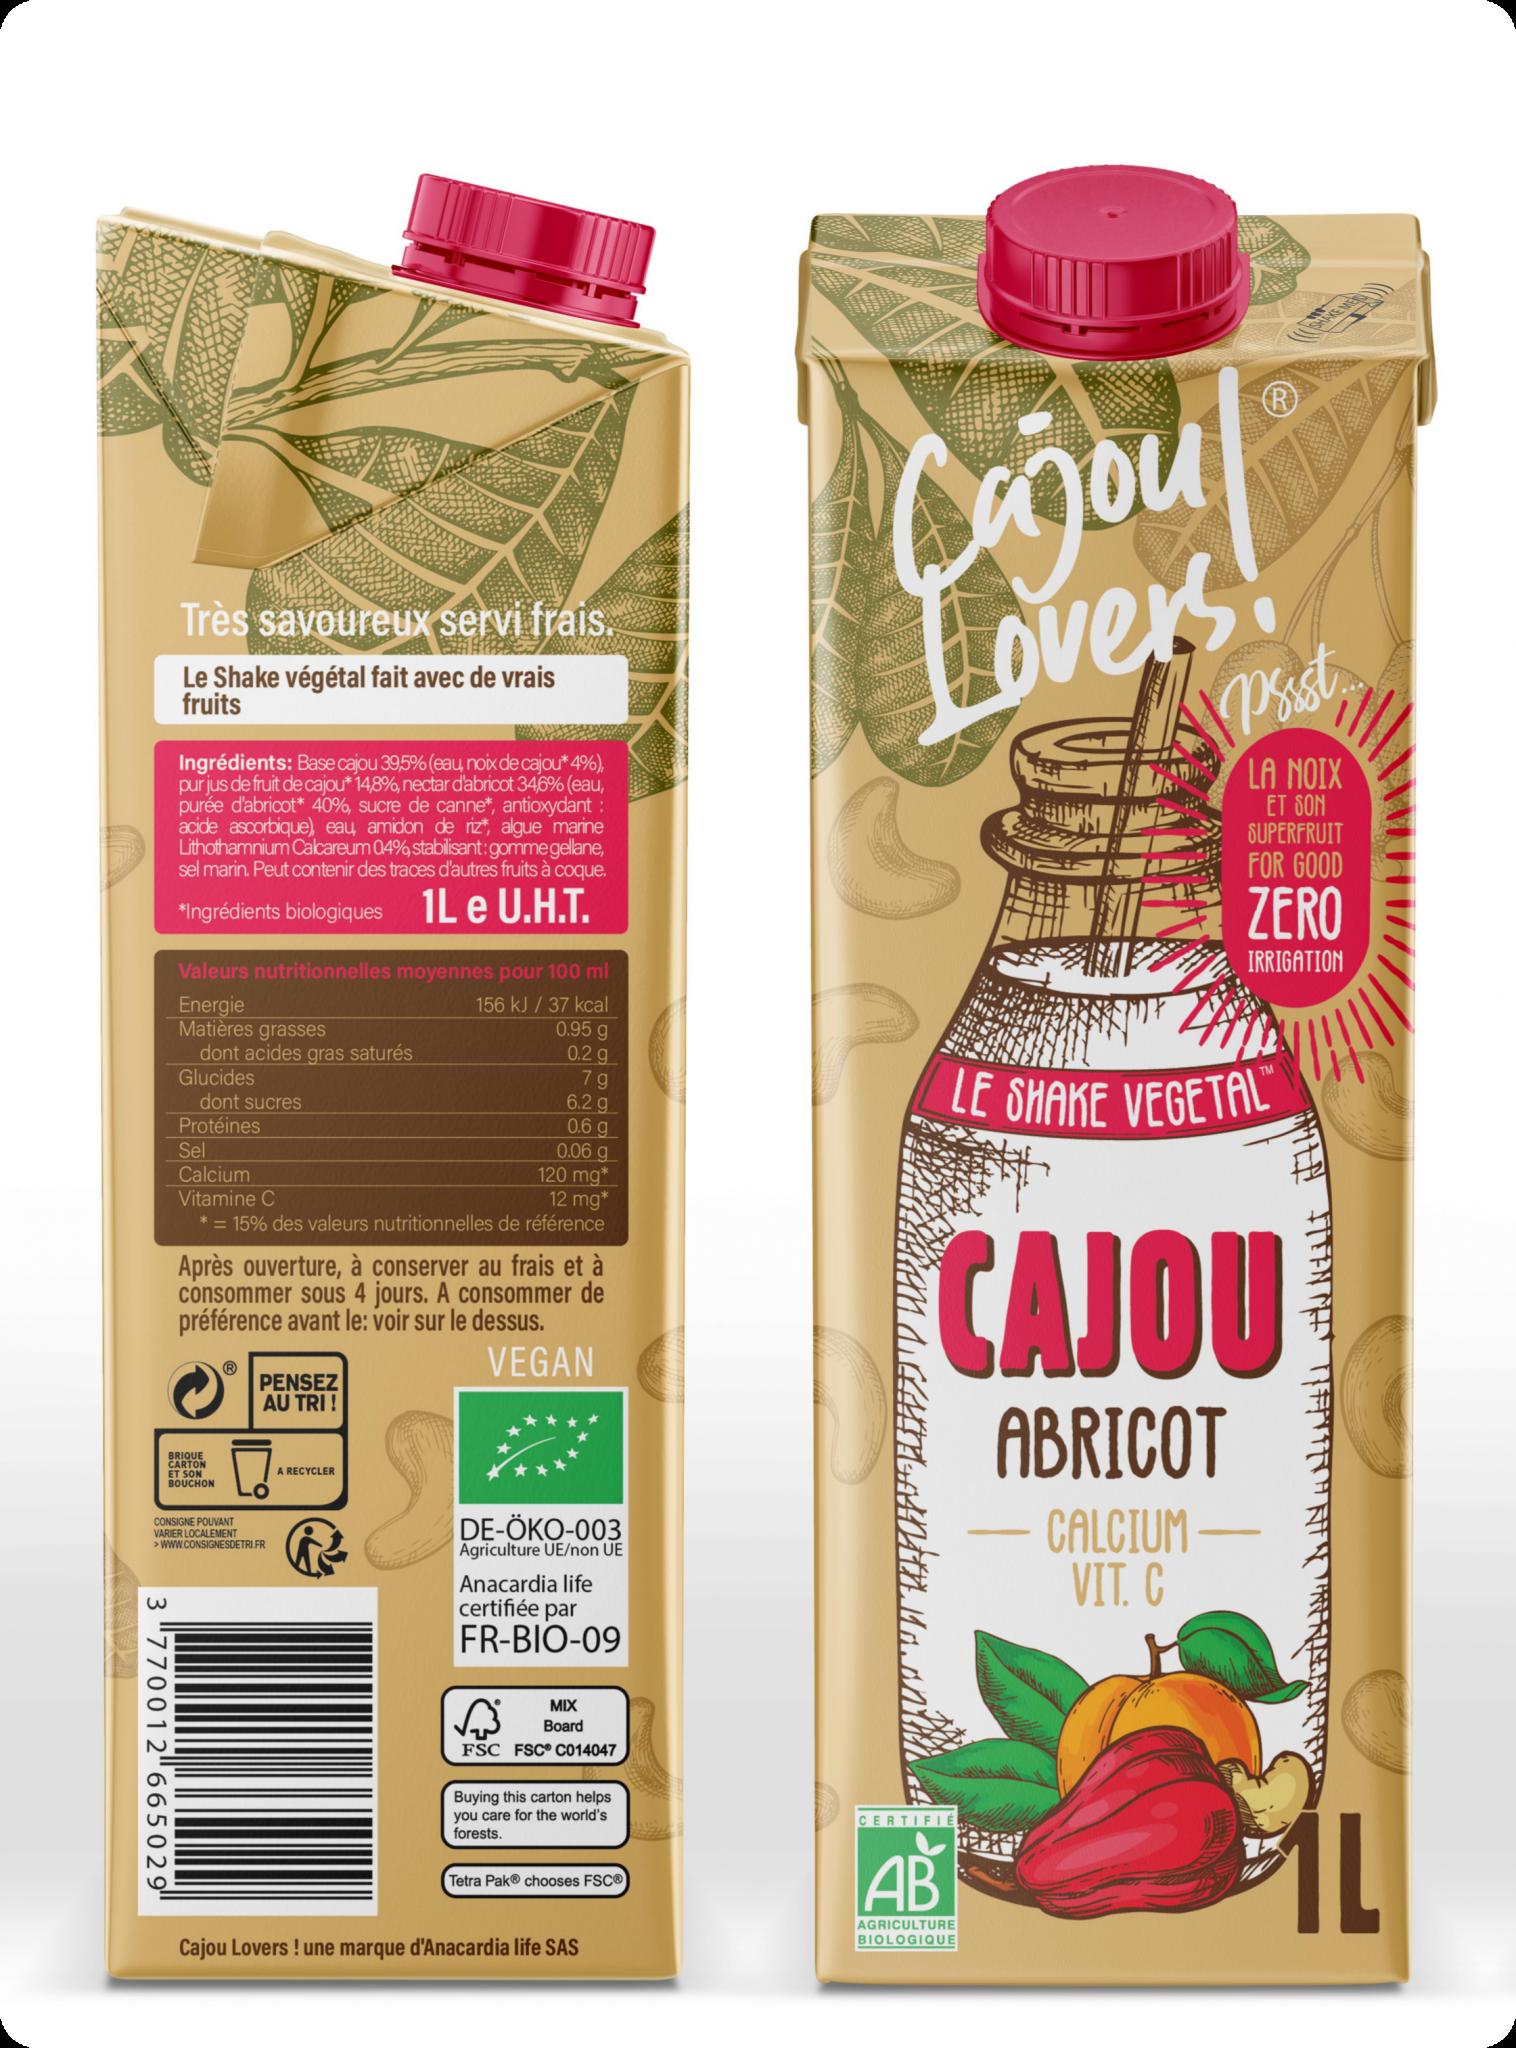 Cajou Lovers : le shake végétal calcium et vitamine C